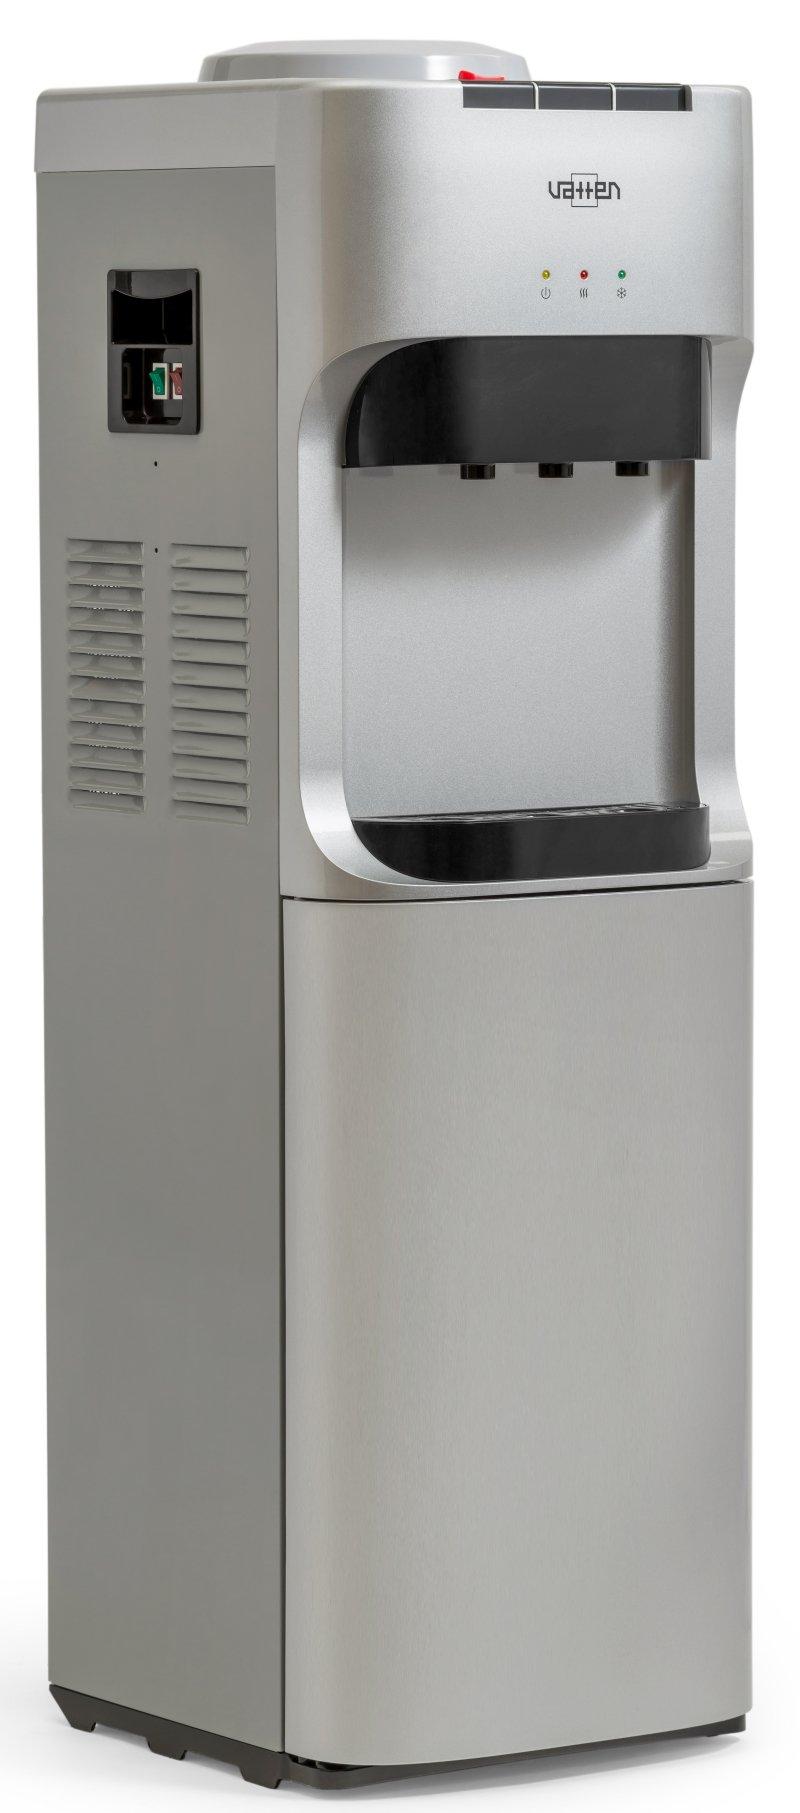 Кулер для воды Vatten V45SK напольный, с нагревом и охлаждением